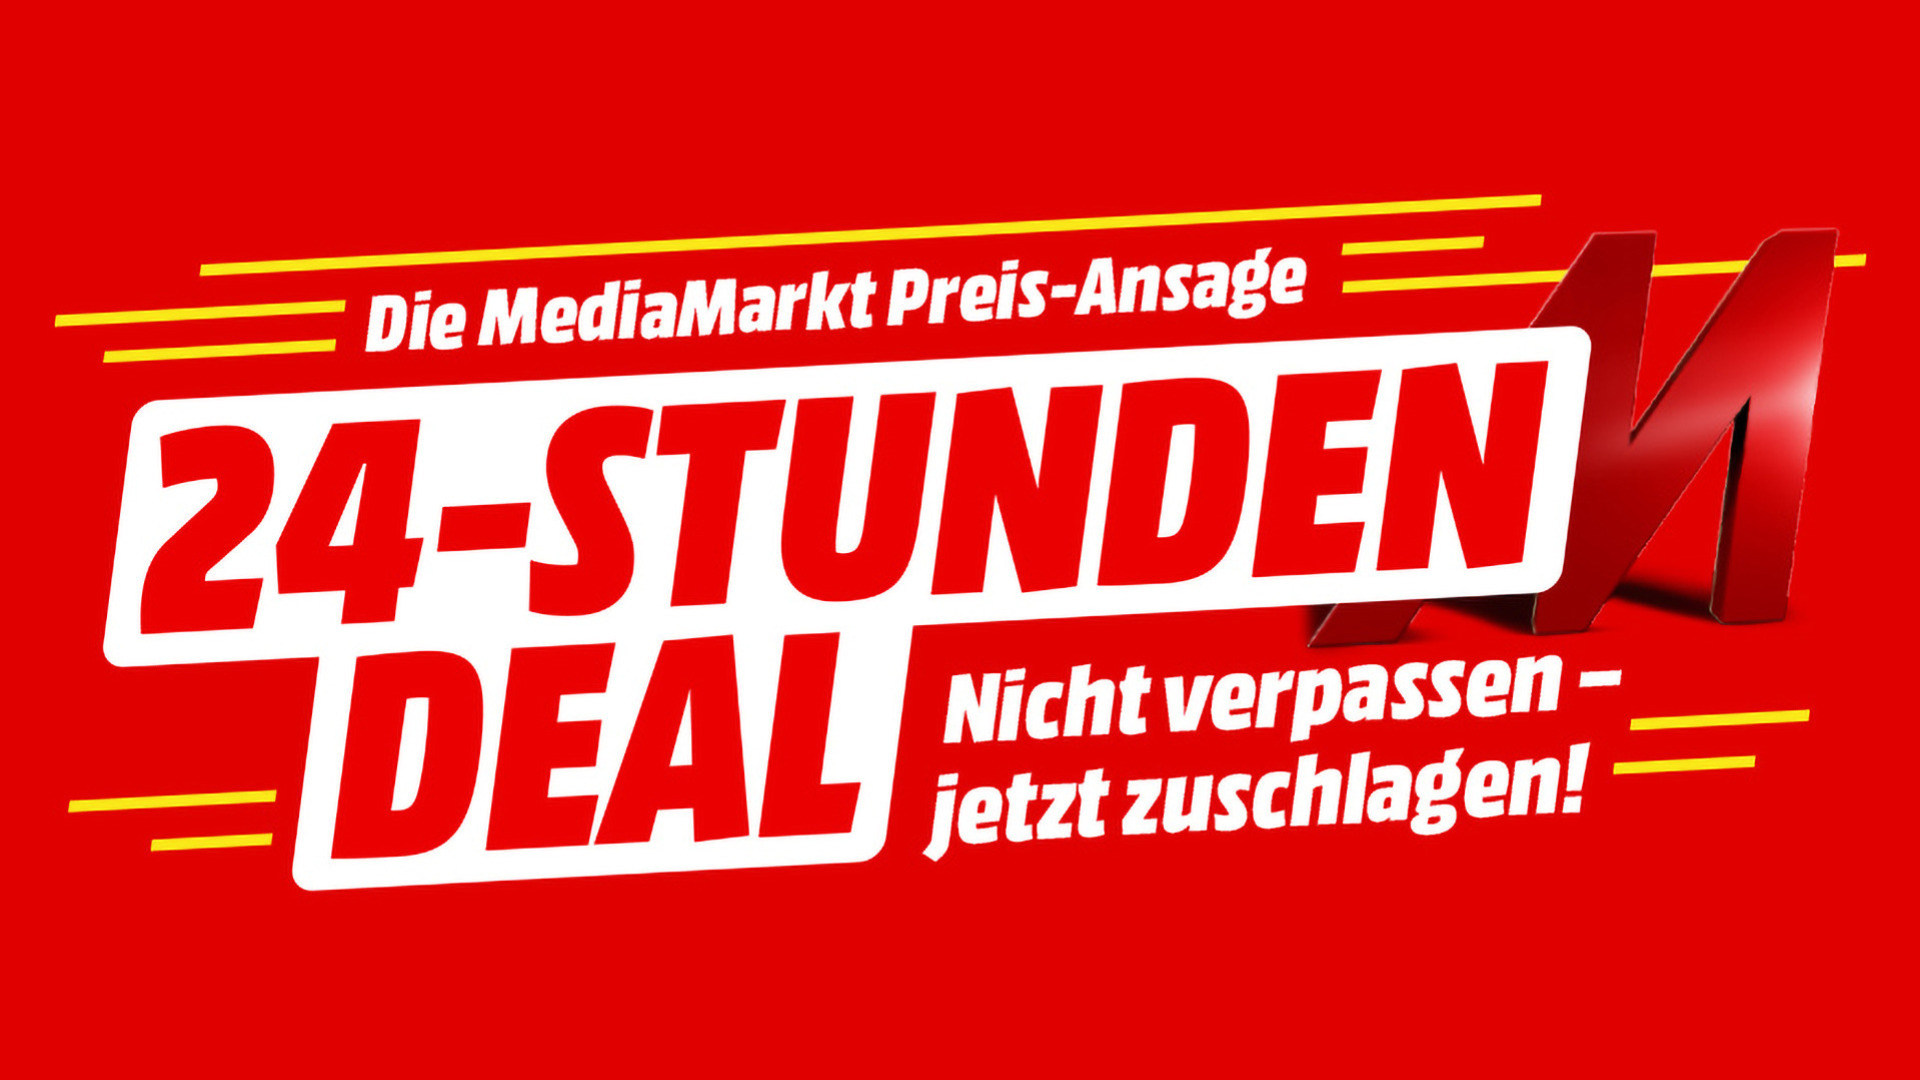 Schnäppchen, Sonderangebote, Rabattaktion, sale, Deals, Media Markt, shopping, Prospekte, 24-Stunden-Deals